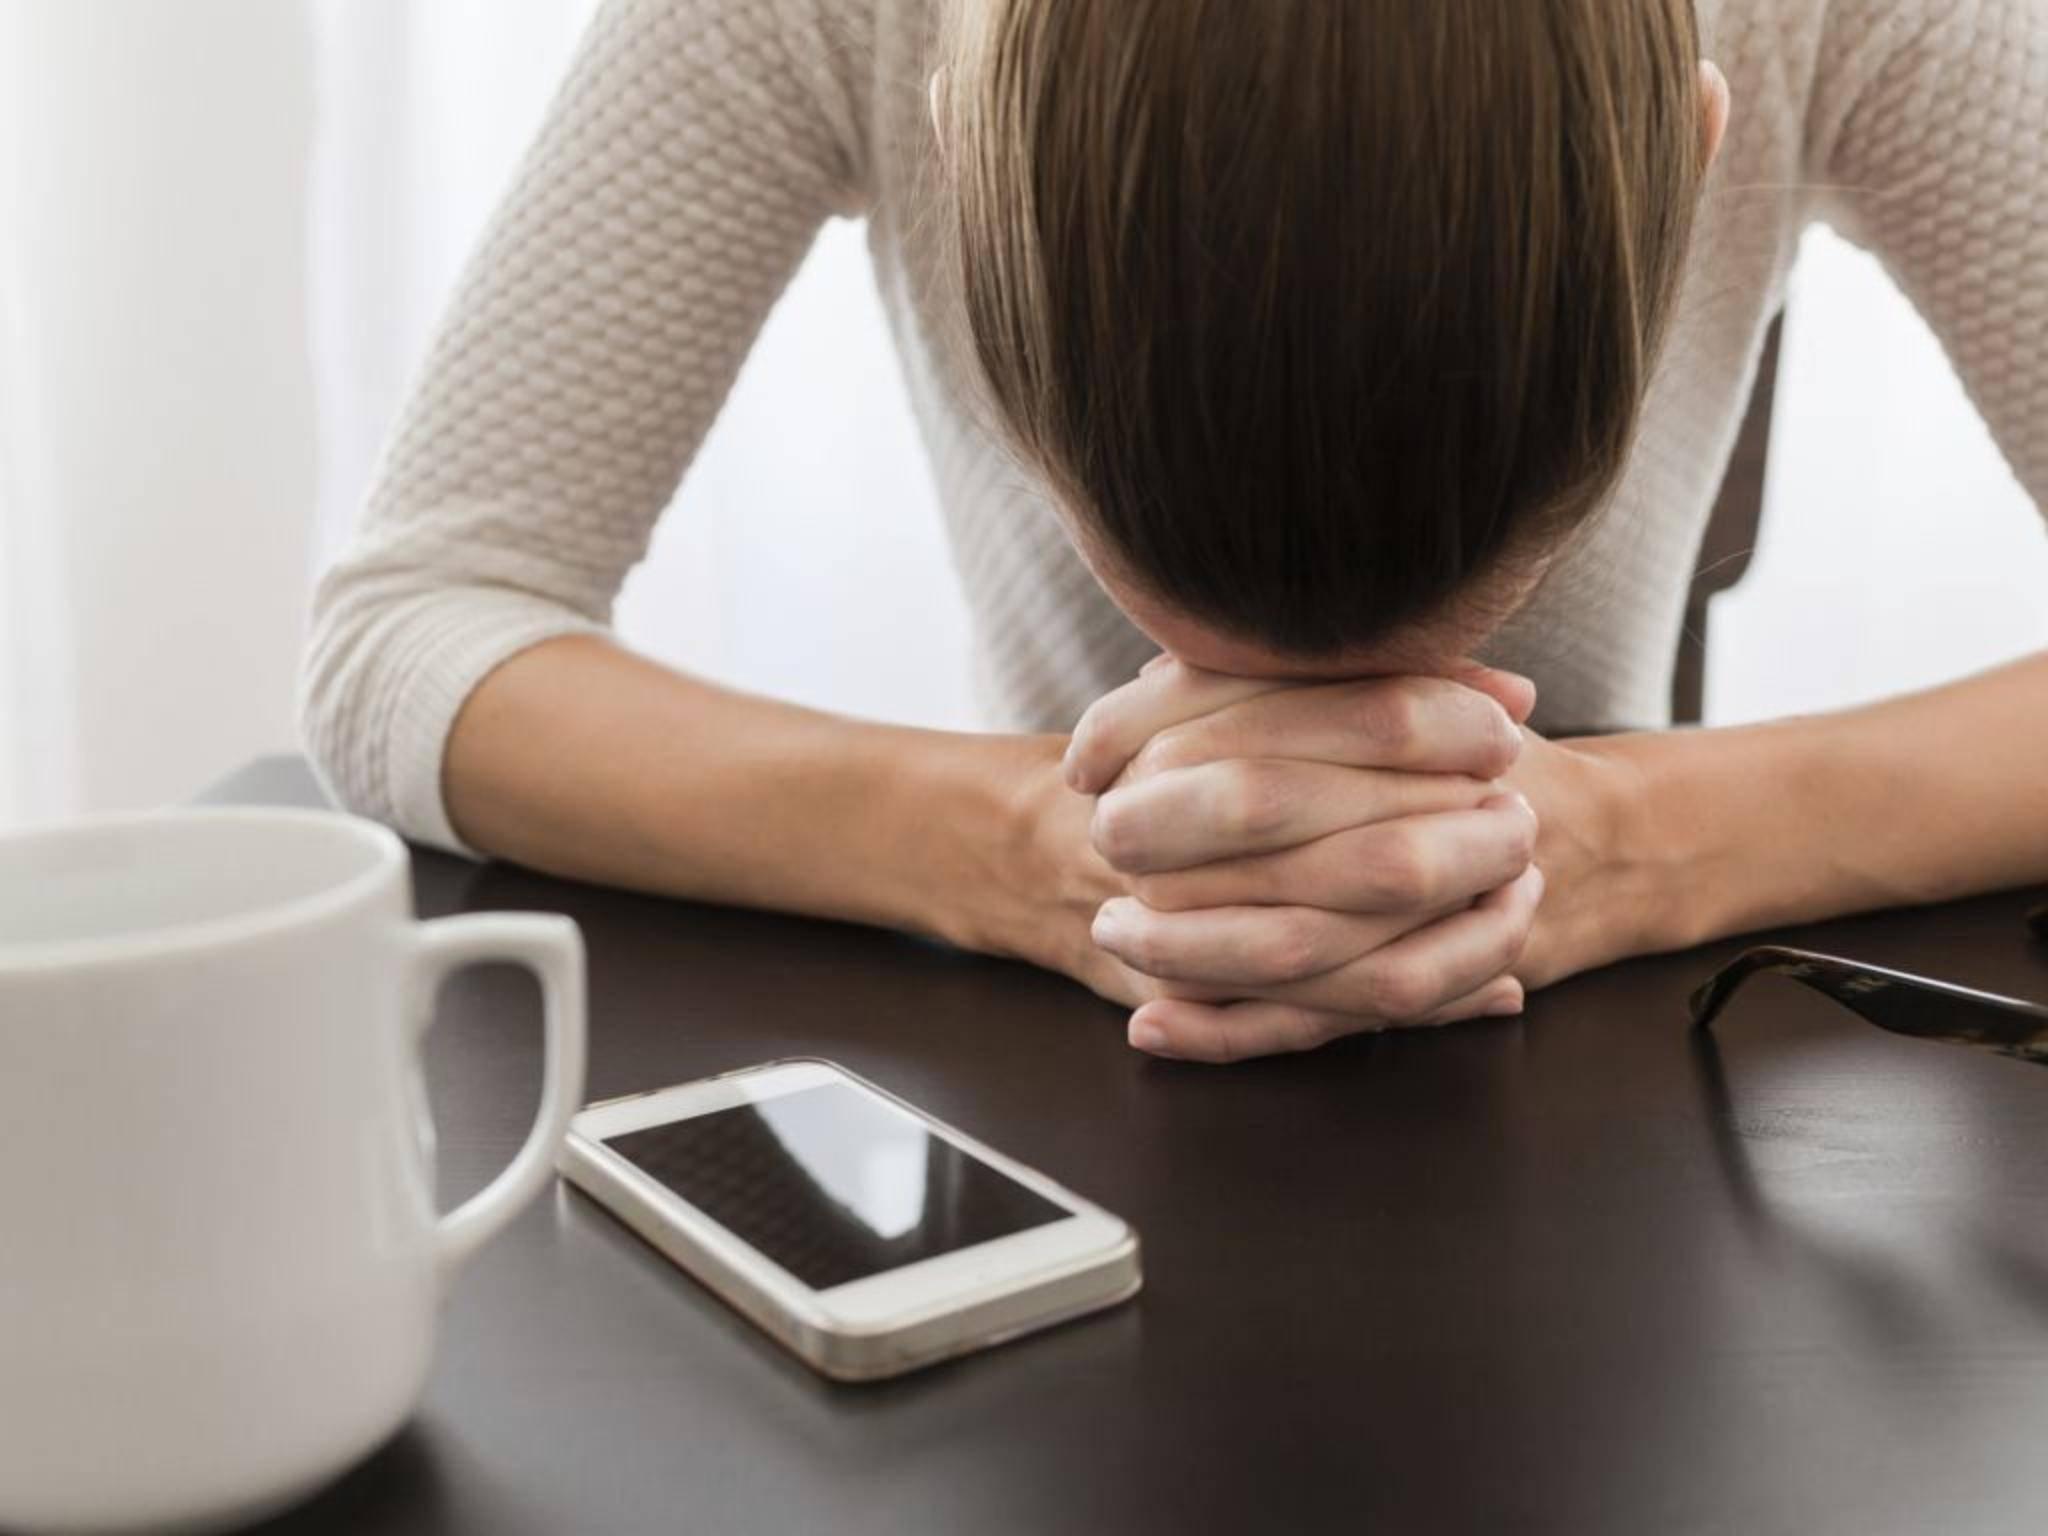 Die Trennung vom iPhone bedeutet Stress: Das haben amerikanische Forscher nun bestätigt.